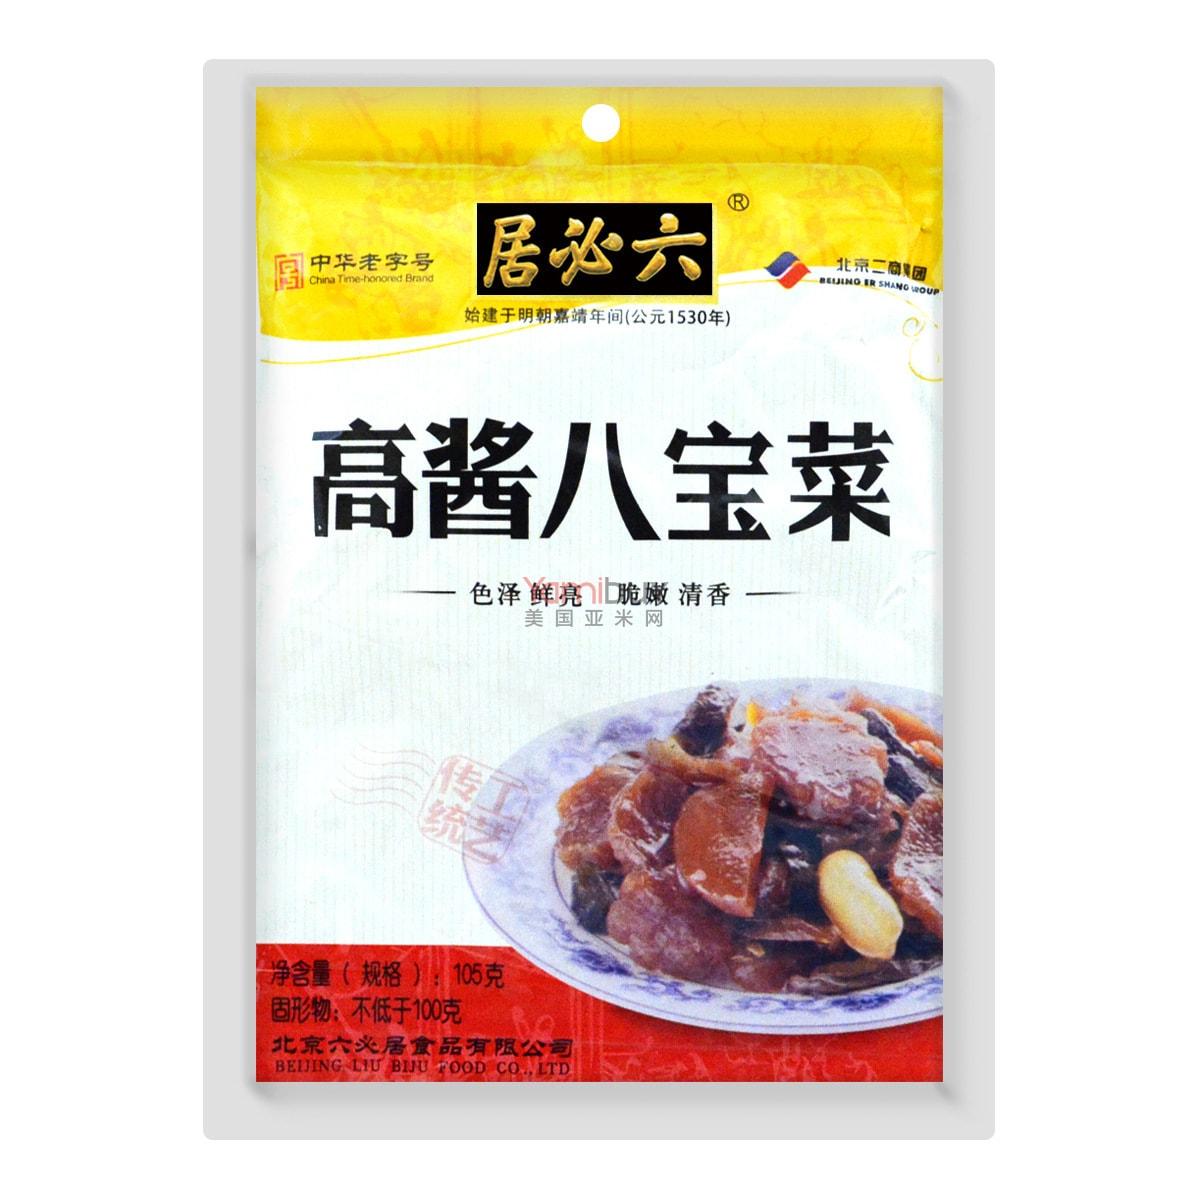 六必居 高酱八宝菜 105g 中华老字号